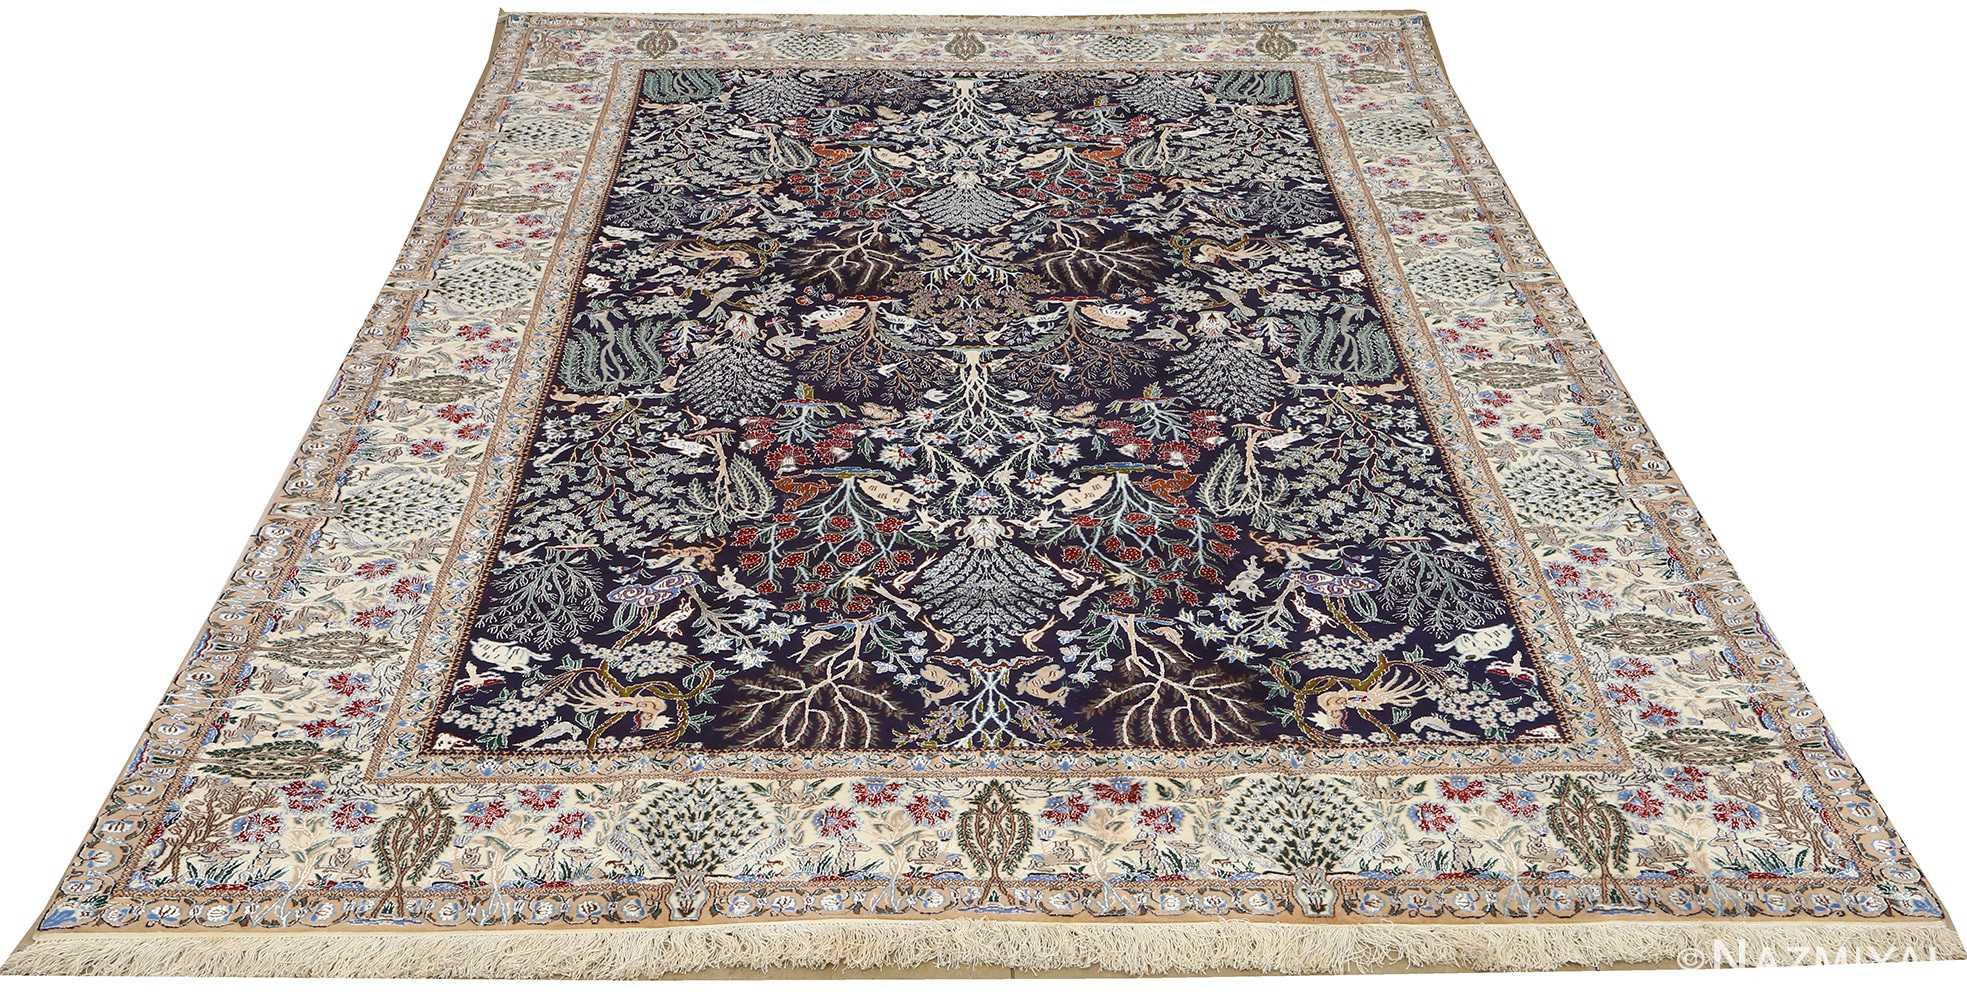 tree of life design vintage nain persian rug 51156 whole Nazmiyal